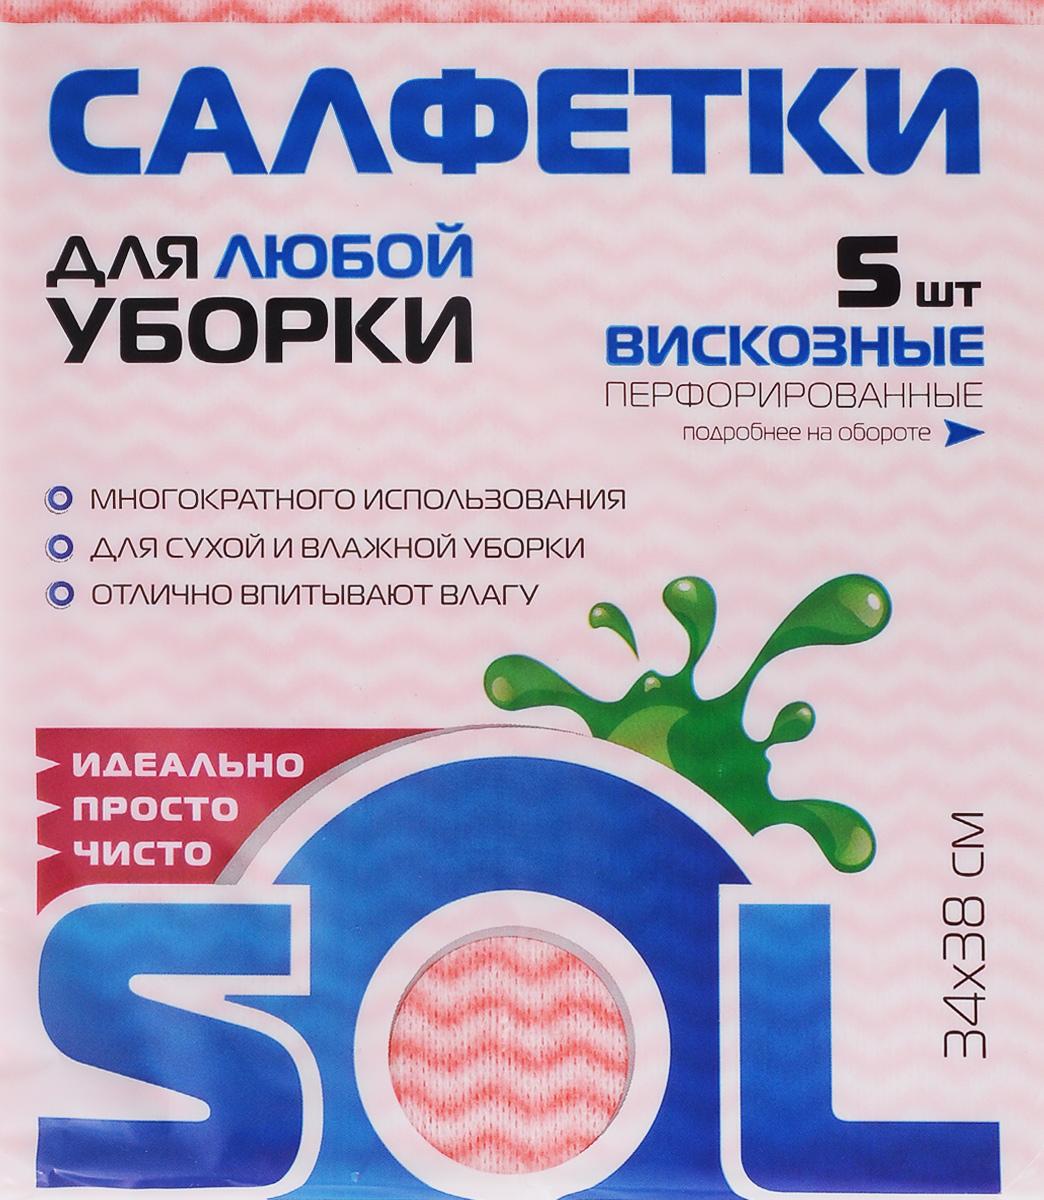 Салфетка для уборки Sol, из вискозы, перфорированная, цвет: розовый, зеленый, 34 x 38 см, 5 шт10005/10053_розовый, зелёныйПерфорированные салфетки Sol, выполненные из вискозы, предназначены для уборки и могут применяться с различными моющими средствами. Благодаря перфорации салфетка быстро высыхает, что позволяет избежать возникновения неприятных запахов. Отлично подходит для полировки различных поверхностей, не оставляет разводов и ворсинок. Рекомендации по уходу: Для обеспечения гигиеничности уборки после применения прополоскать в теплой воде. Для продления срока службы не применять машинную стирку, не гладить и не кипятить.